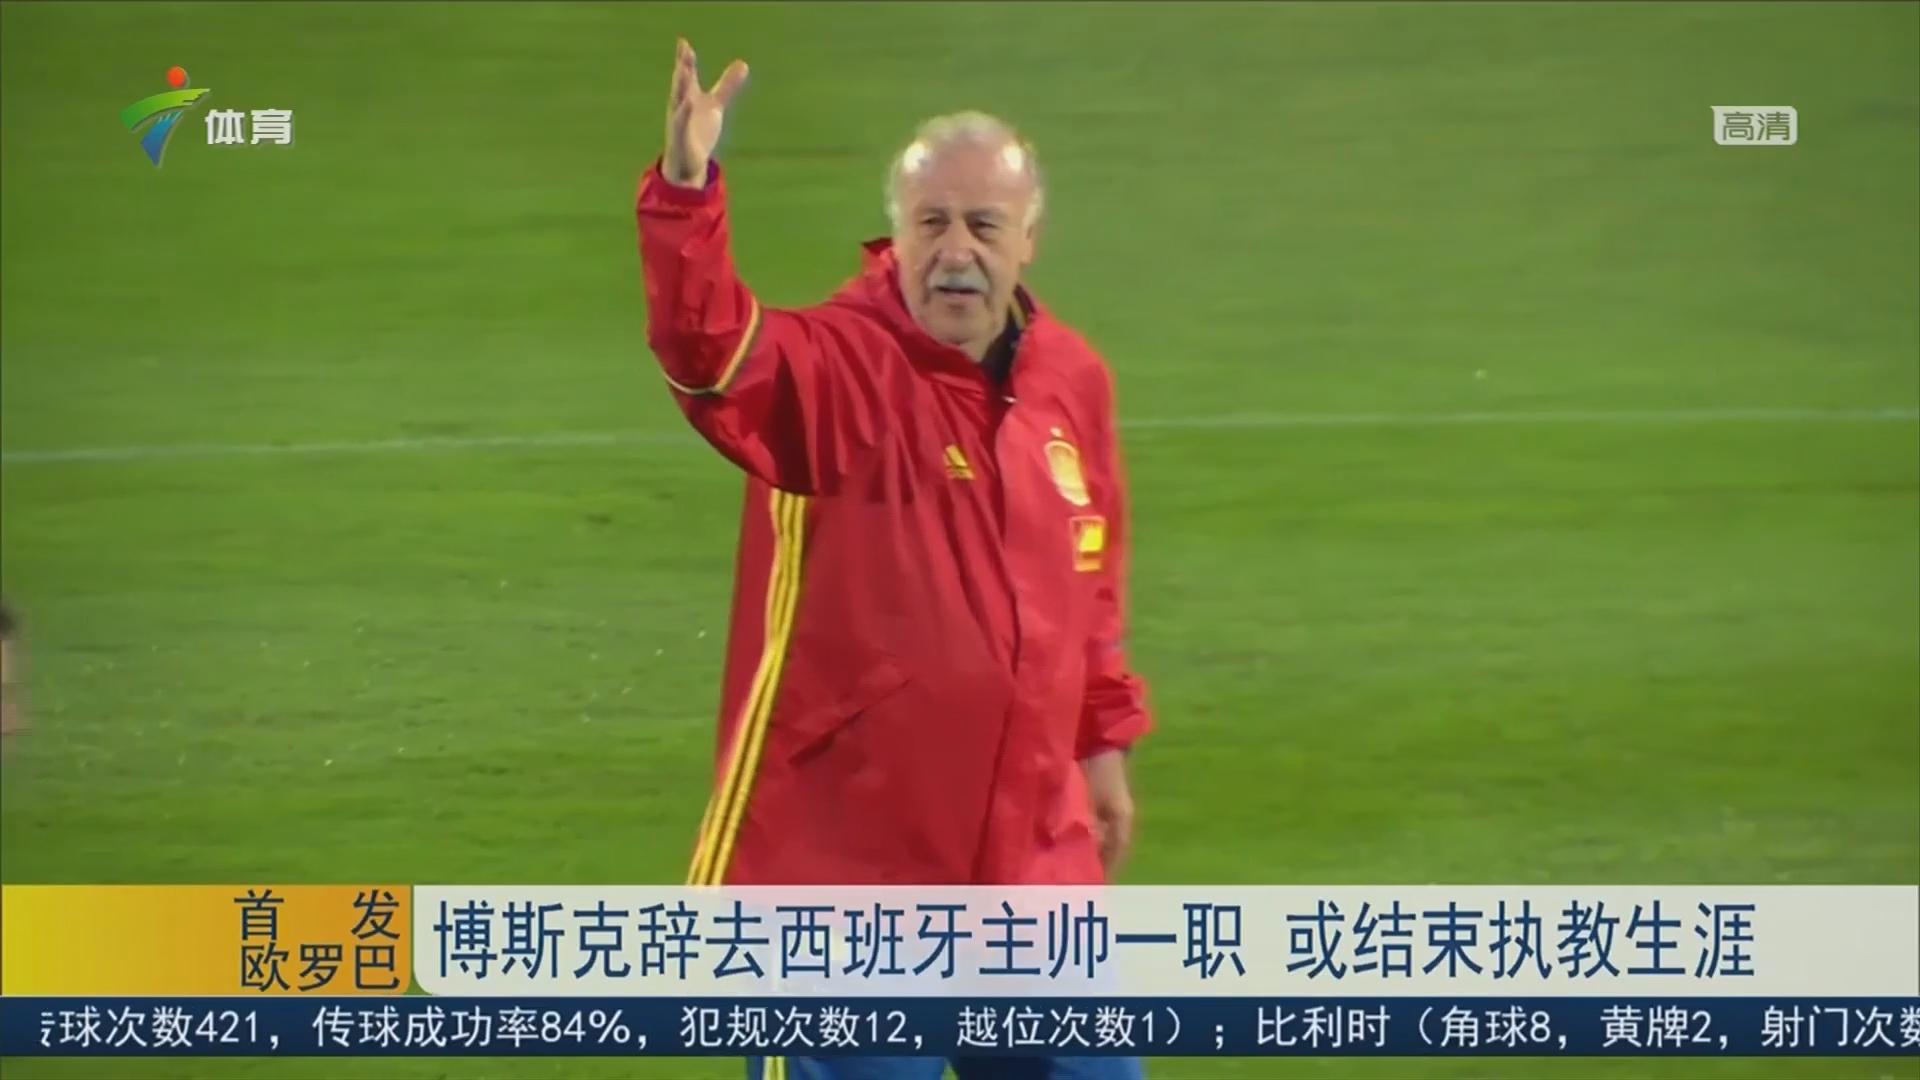 博斯克辞去西班牙主帅一职 或结束执教生涯